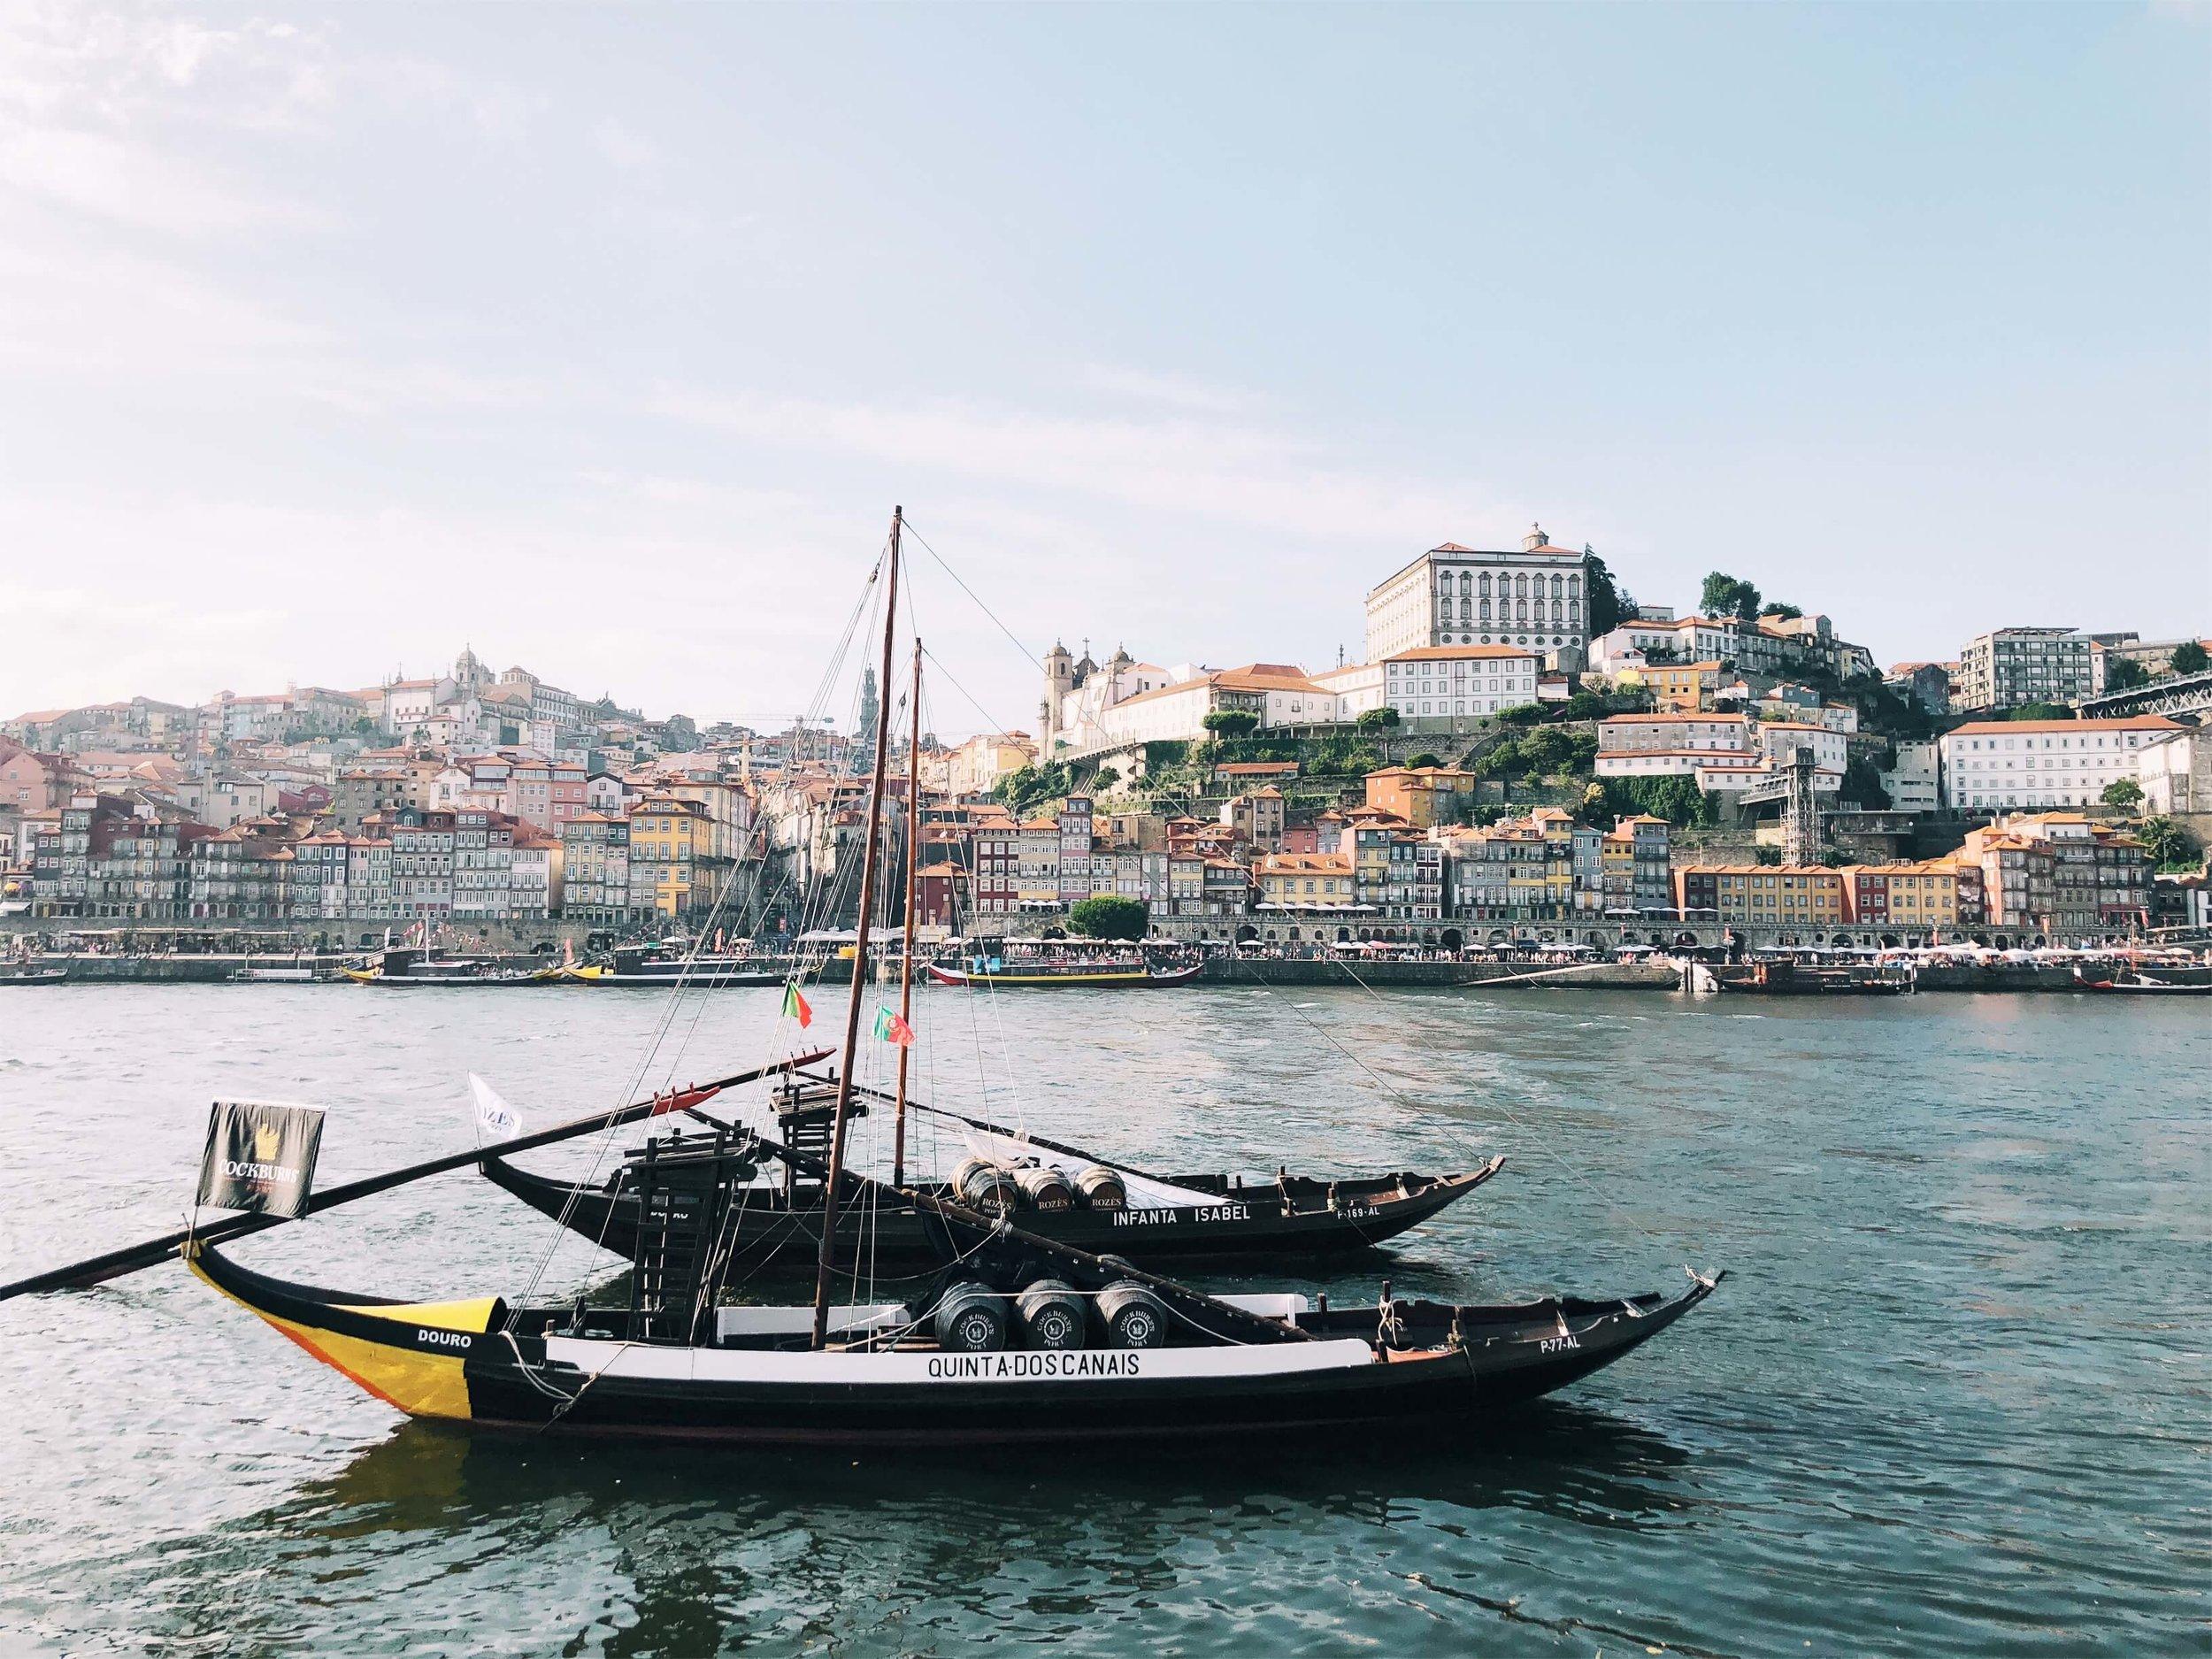 Porto rabelo boat